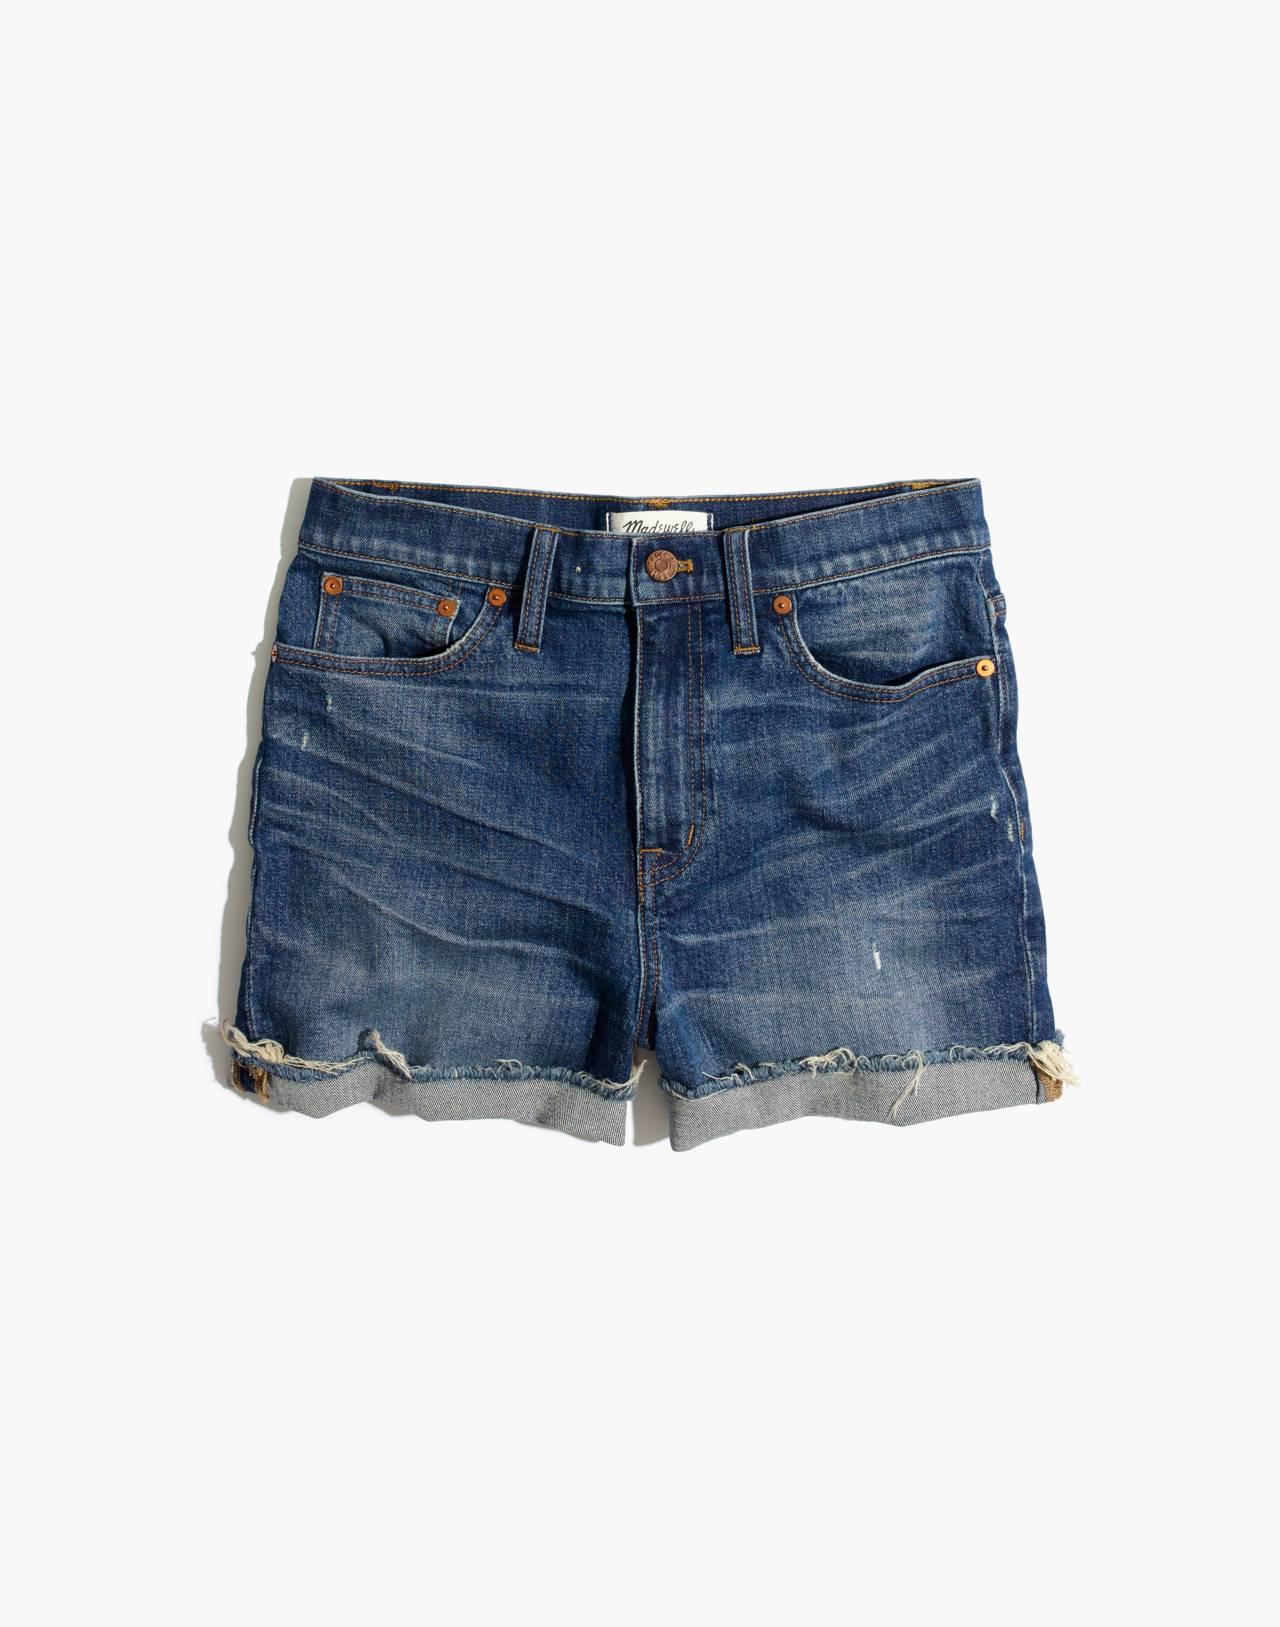 High-Rise Denim Shorts in Glenoaks Wash: Cutoff Edition in glenoaks wash image 4